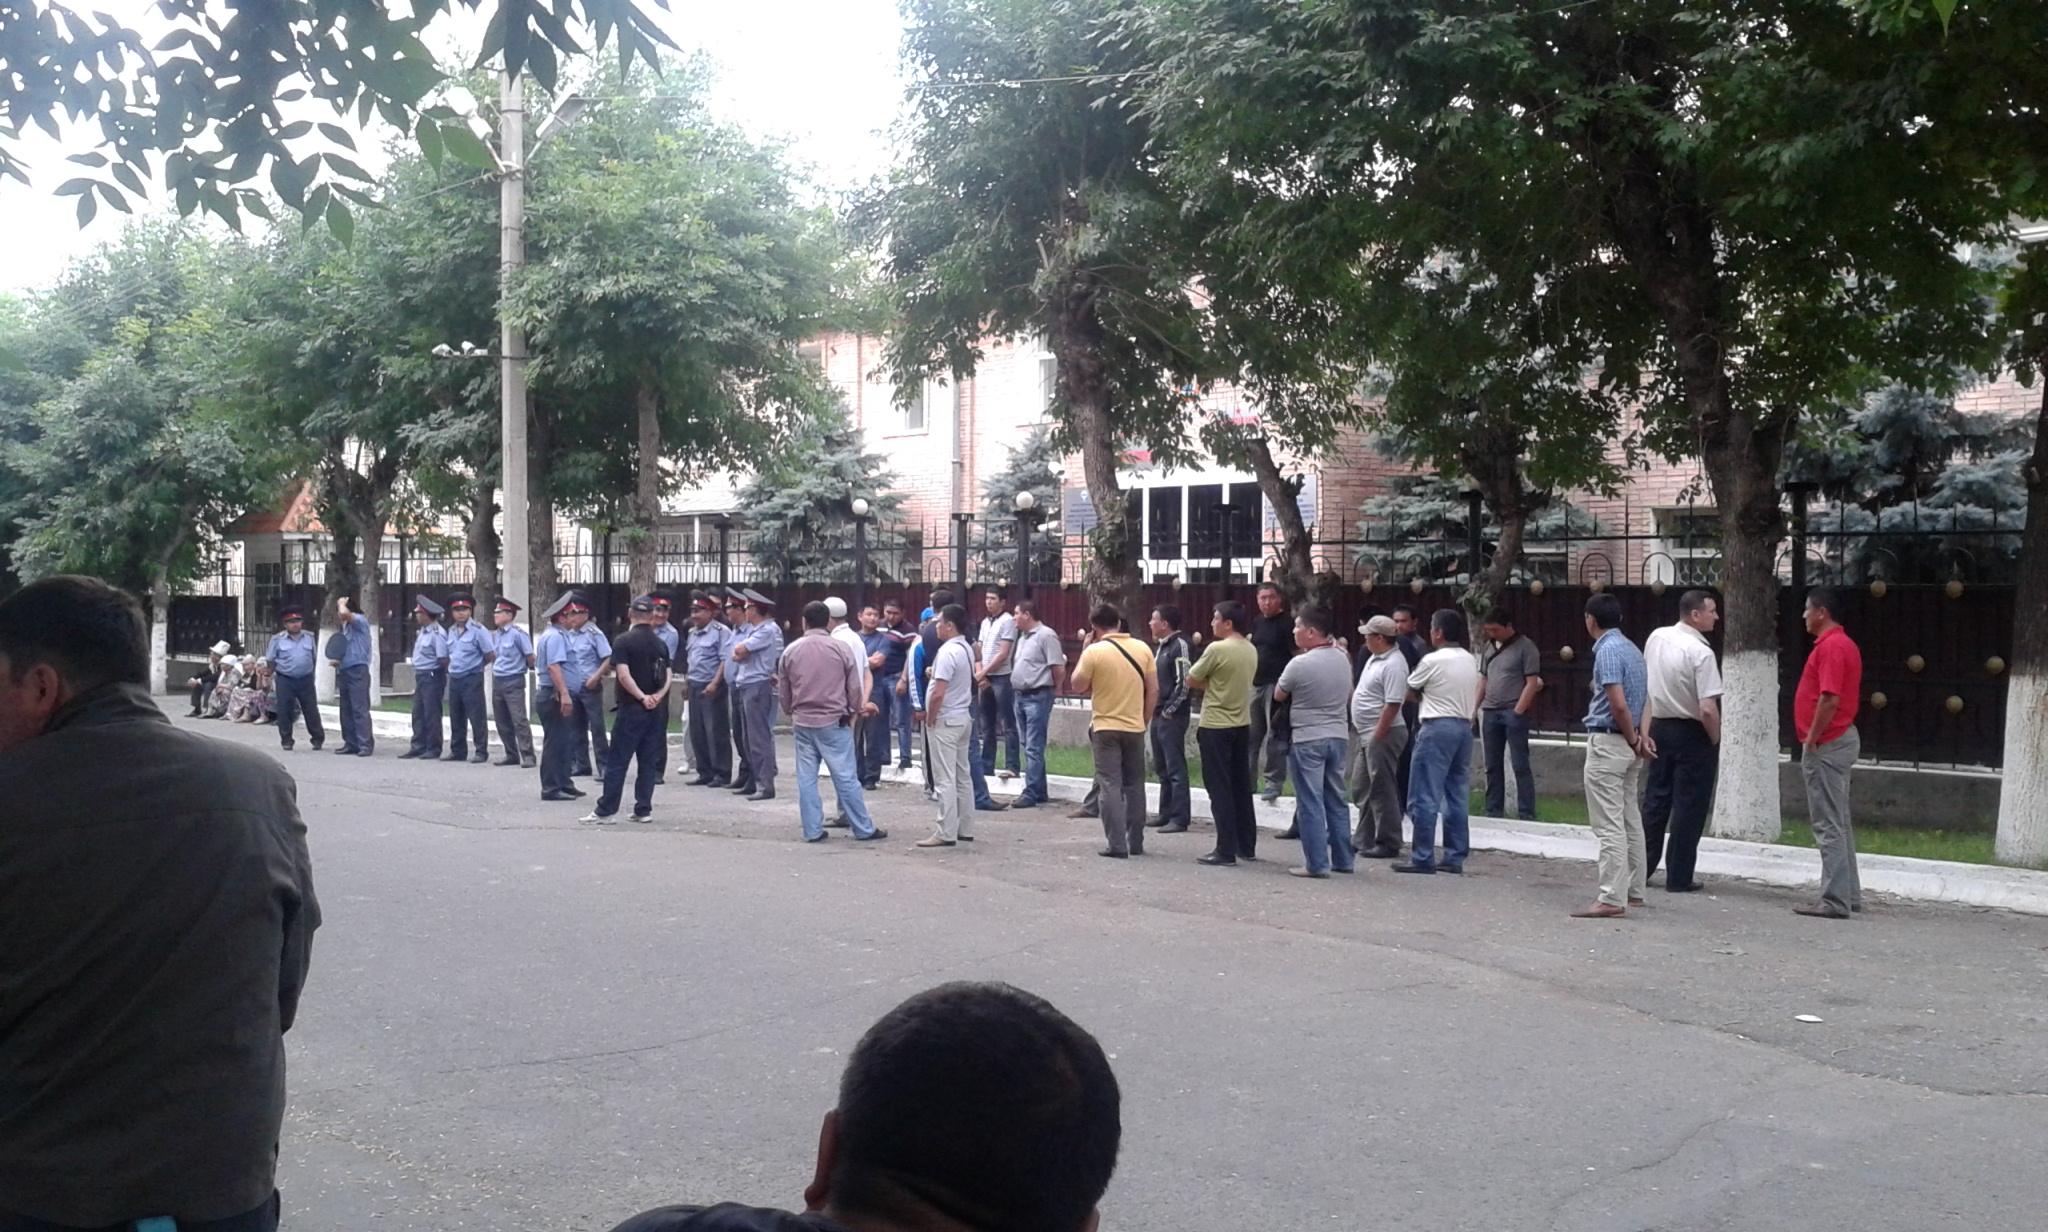 Демонстранты митингуют у здания джалал-абадского отделения ГКНБ, 2 июня 2013 года. Фото: Евгений Погребняк